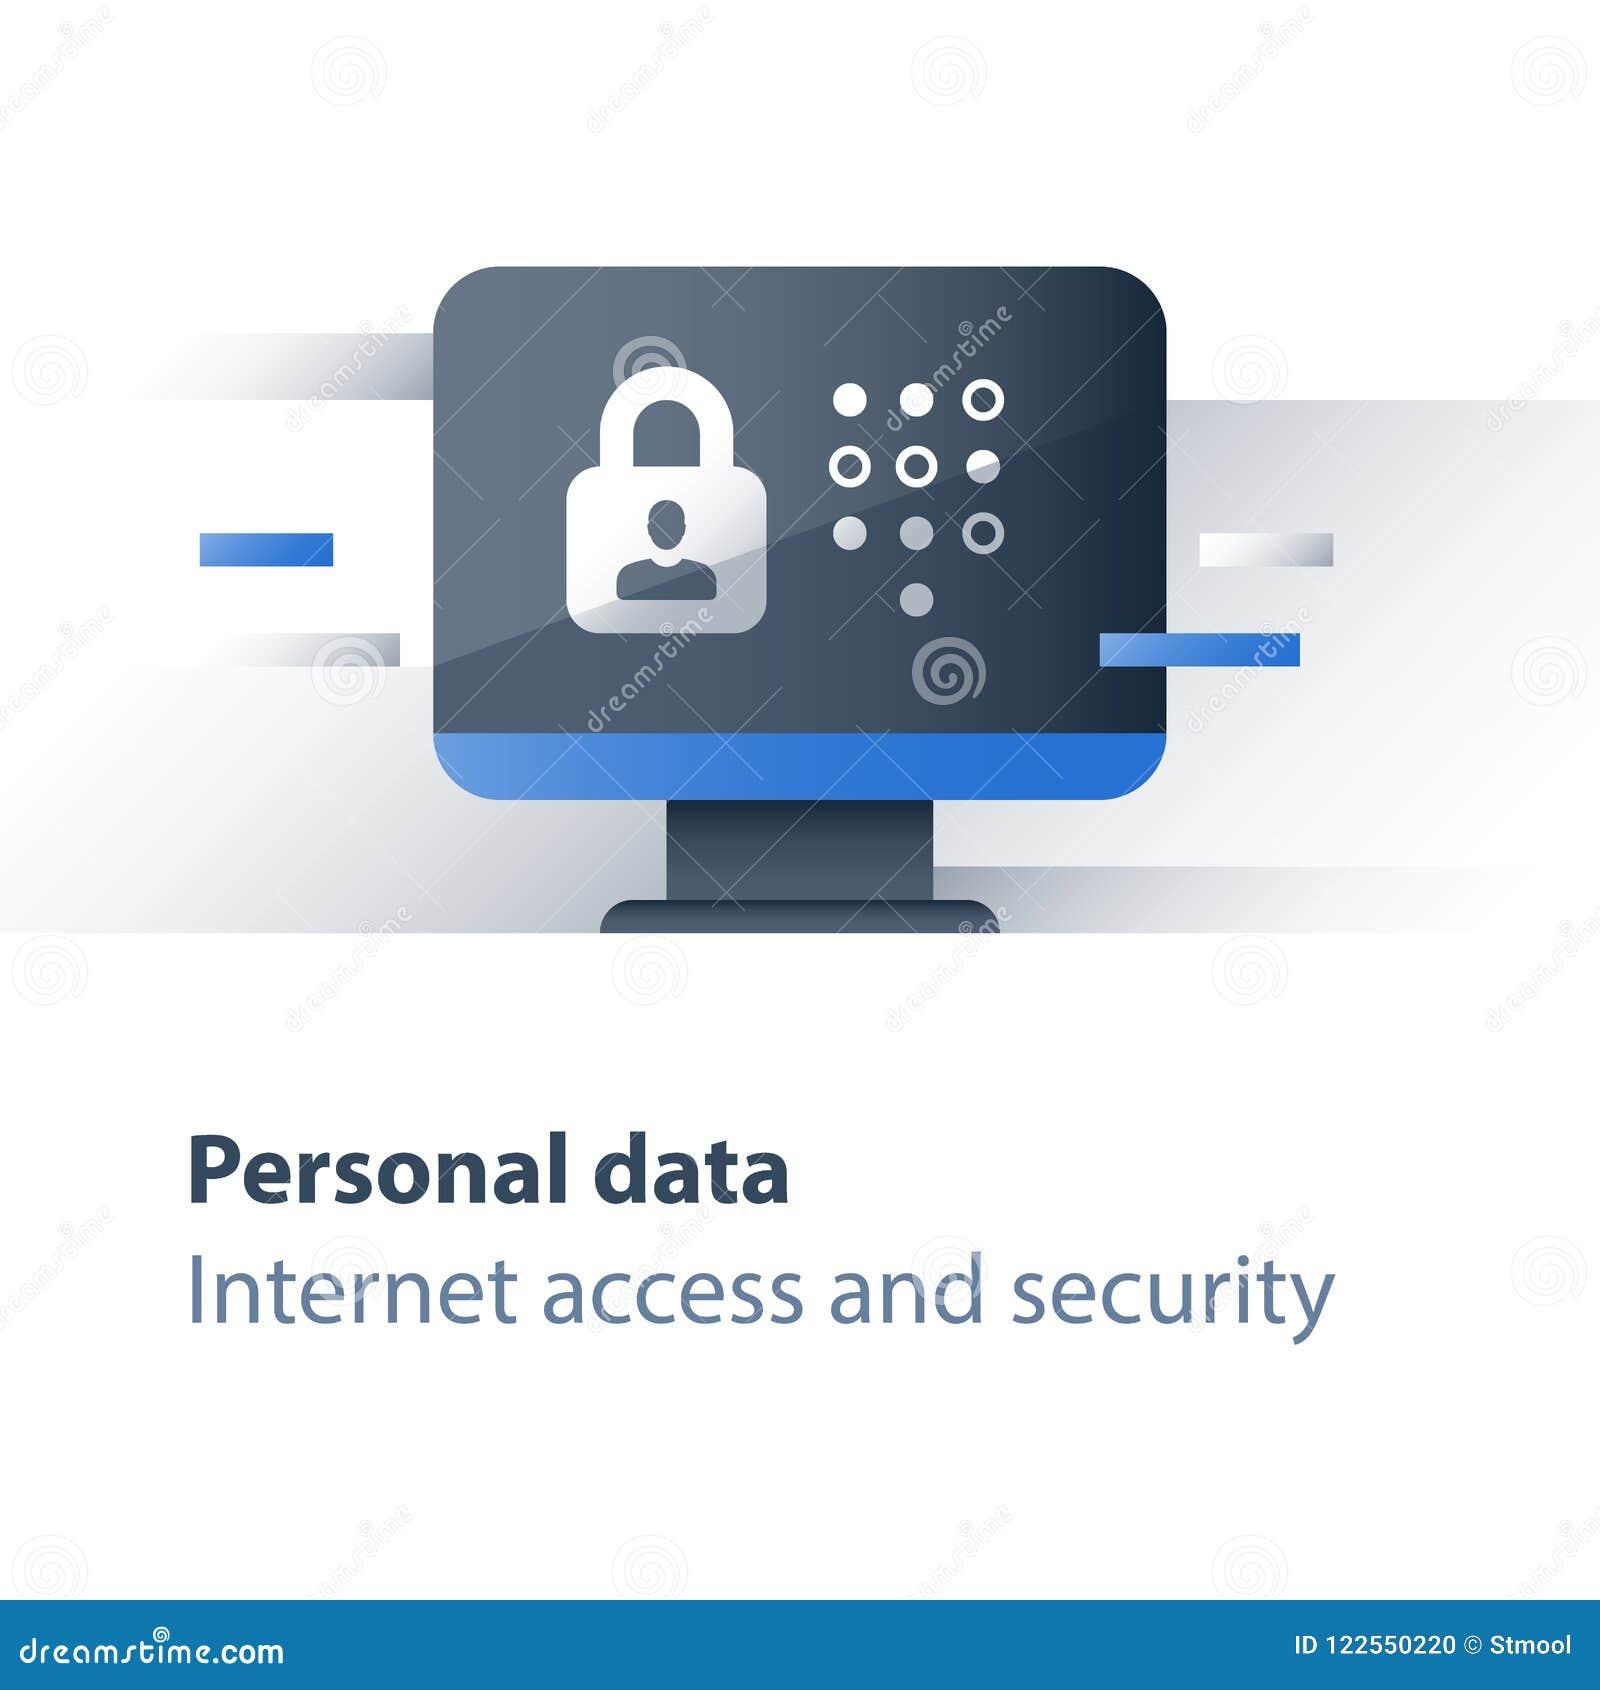 Предохранение от злодеяния кибер, личная концепция безопасности данных, ограниченный доступ, антивирус компьютера, монитор и замо